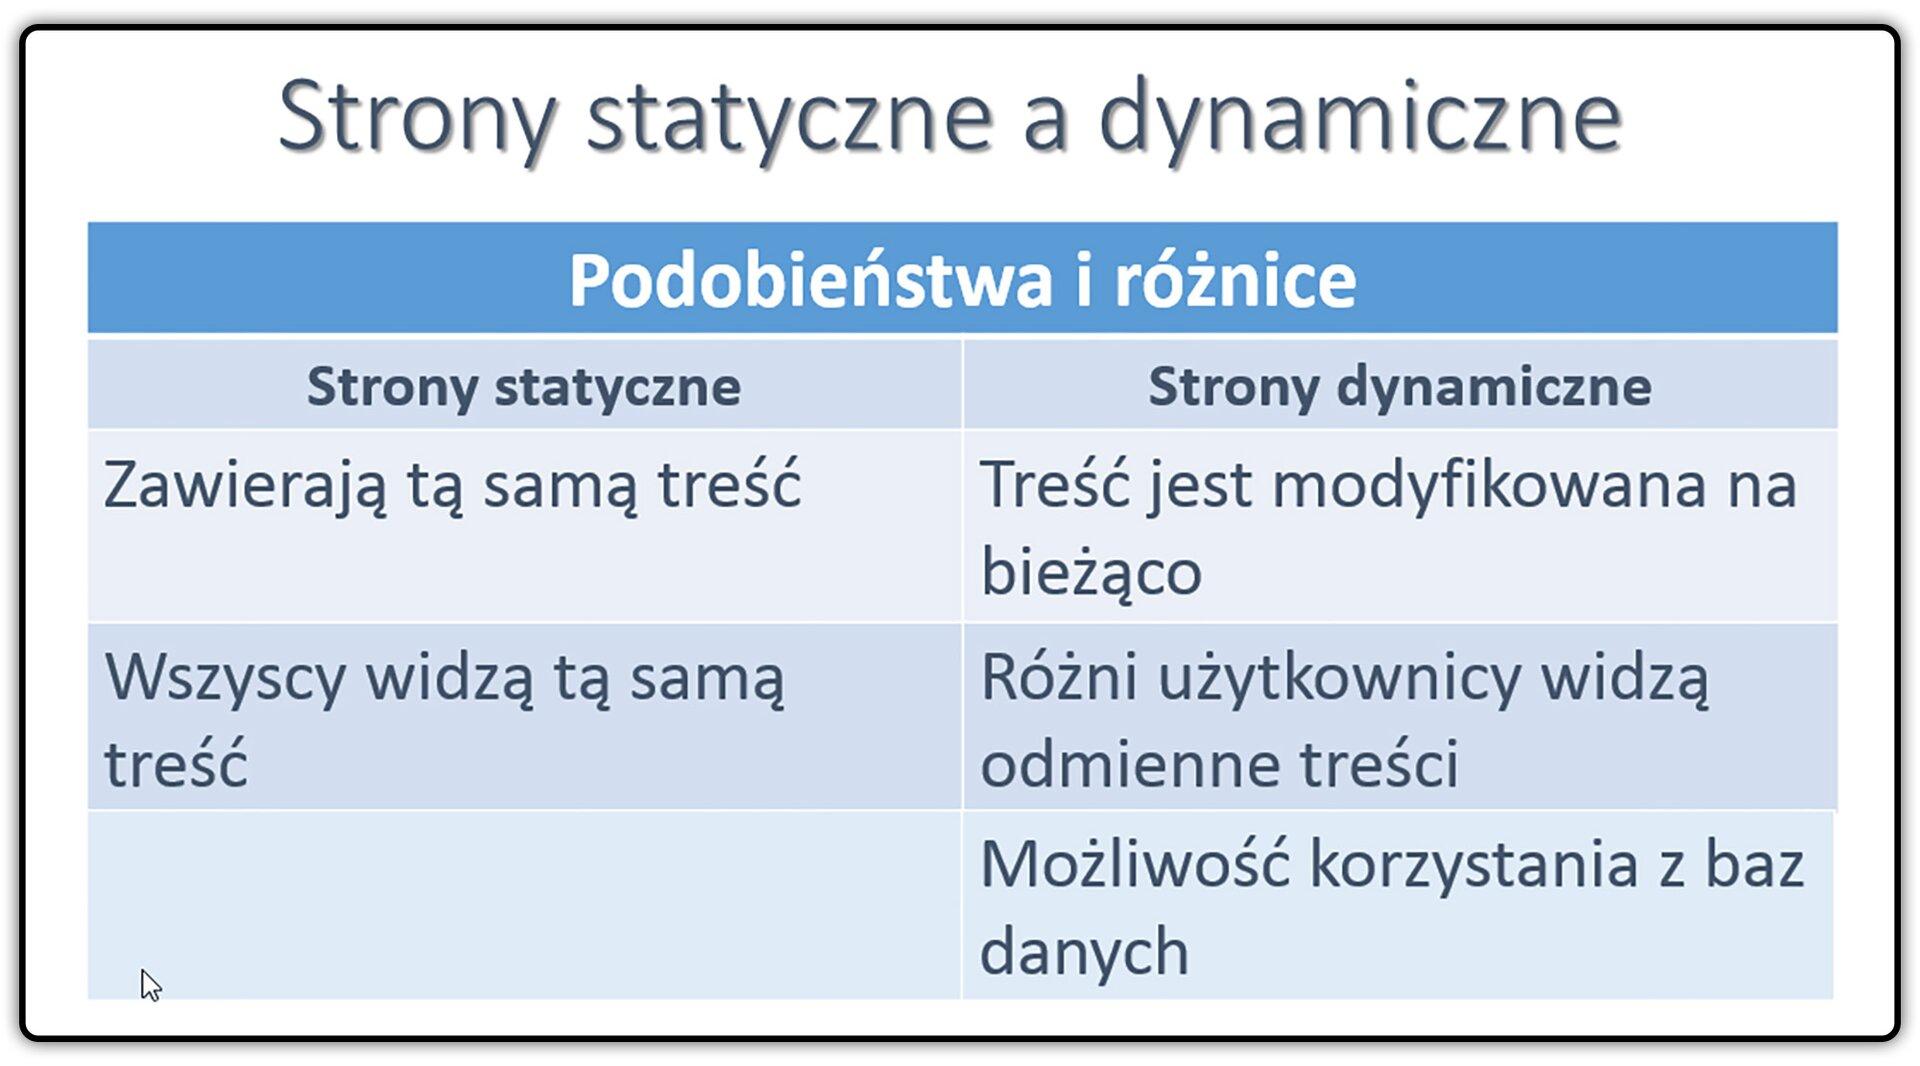 Zrzut tabeli: Strony statyczne adynamiczne